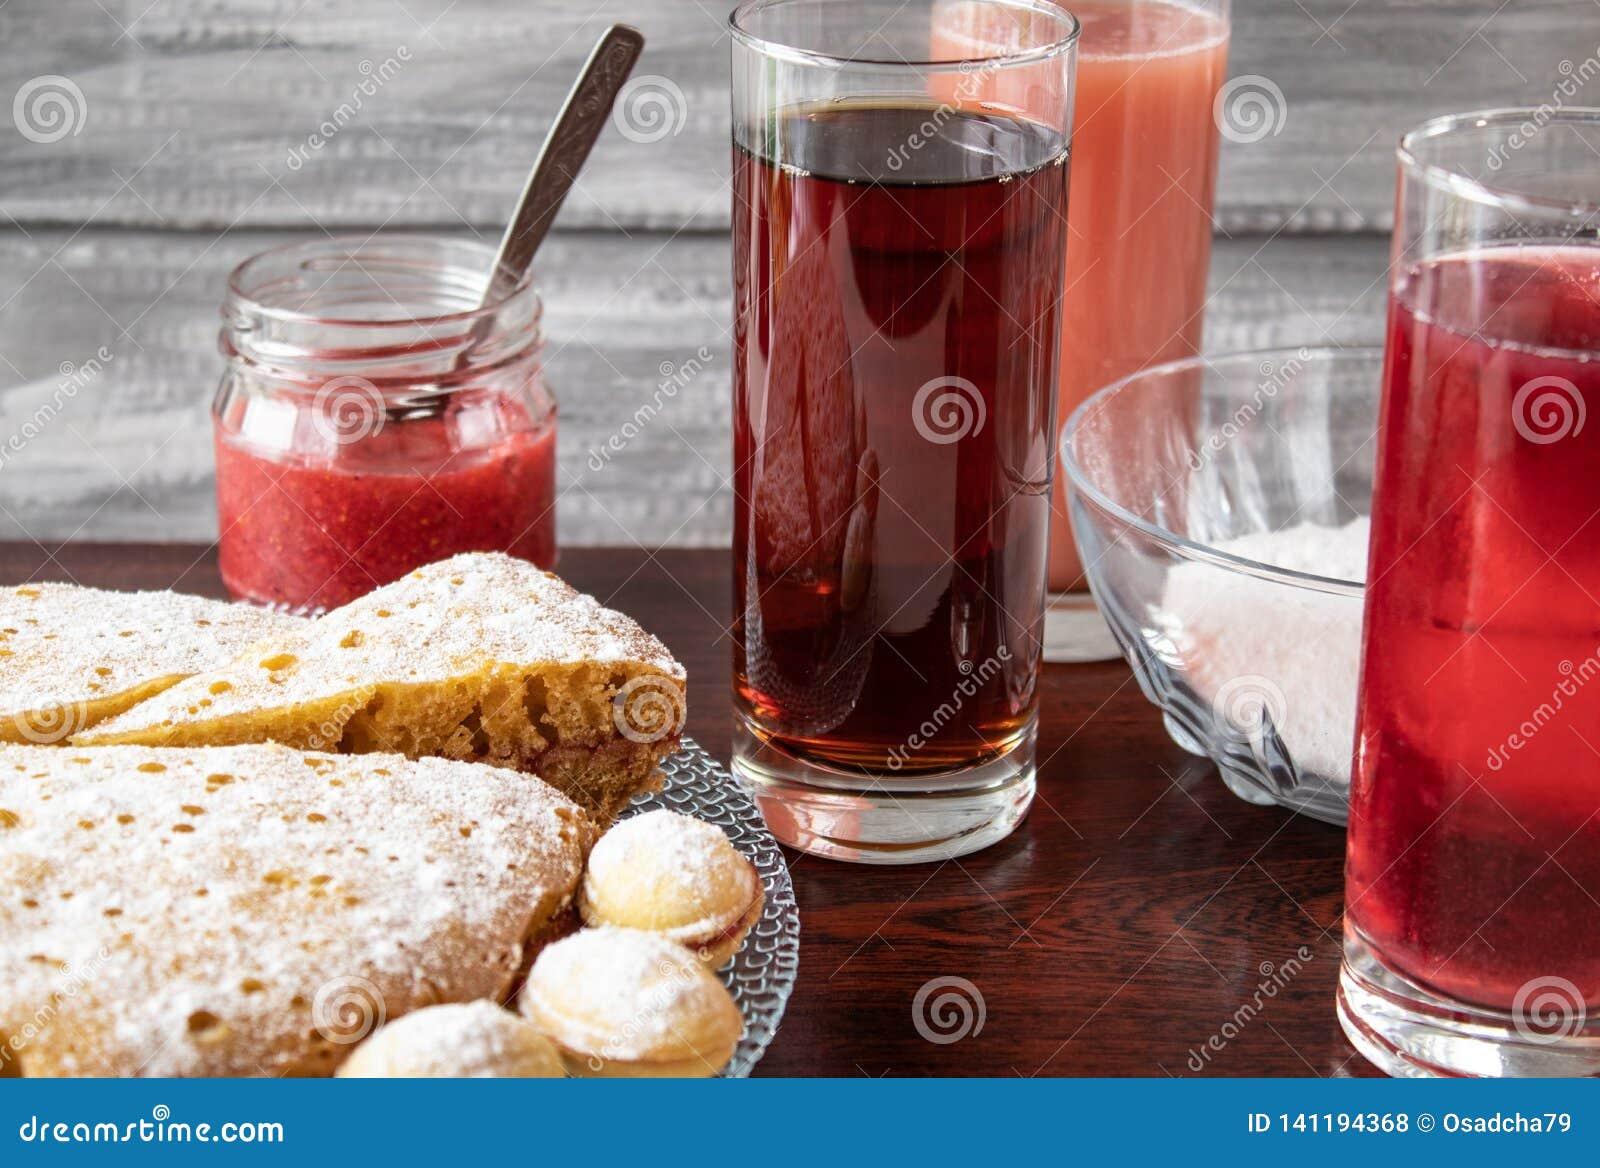 Fruktsaft i ett exponeringsglas i bakgrunden, en paj på en bunke och driftstopp i en liten krus